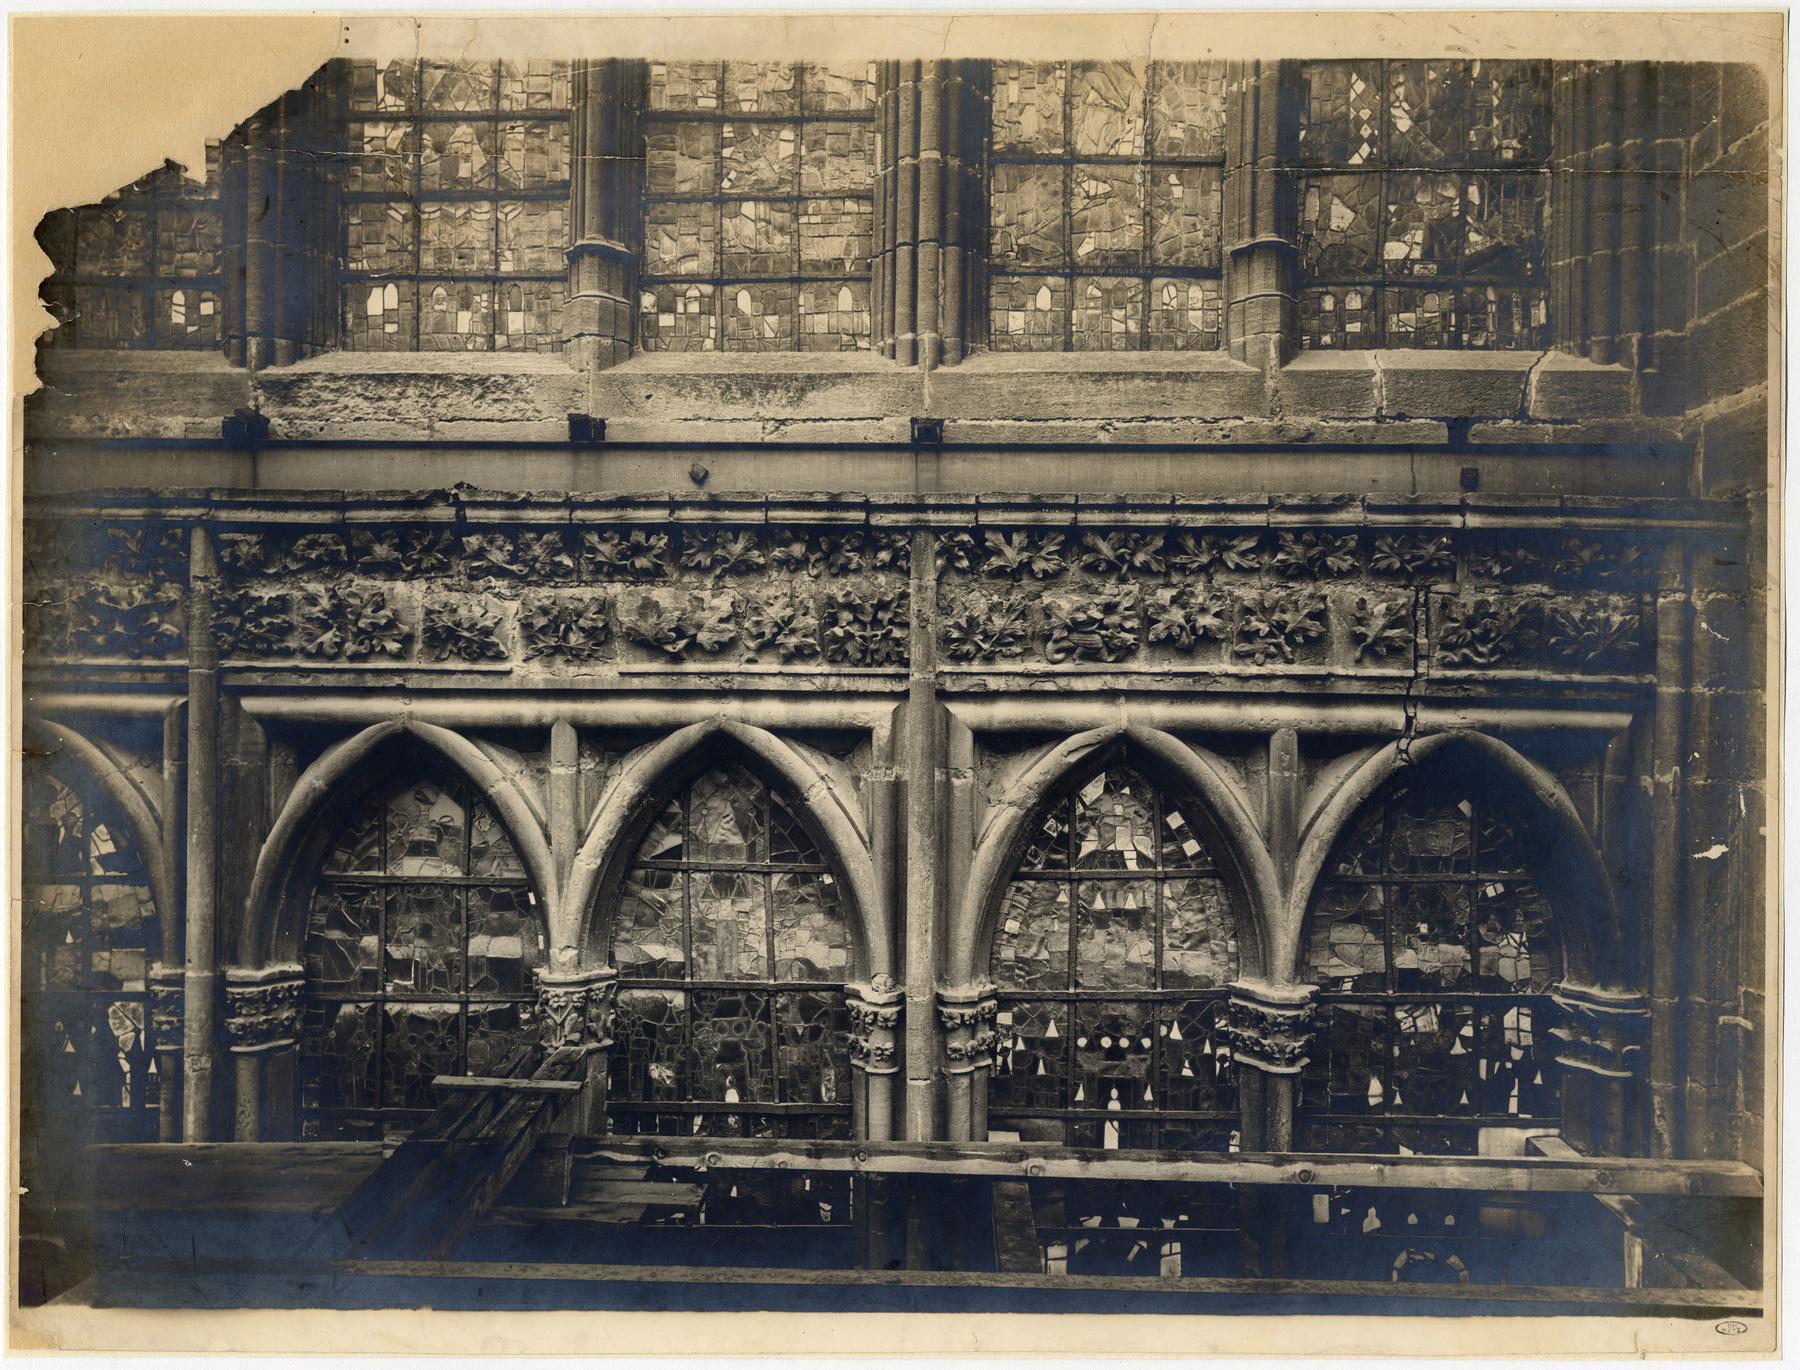 Contenu du Vitraux de la cathédrale de Metz